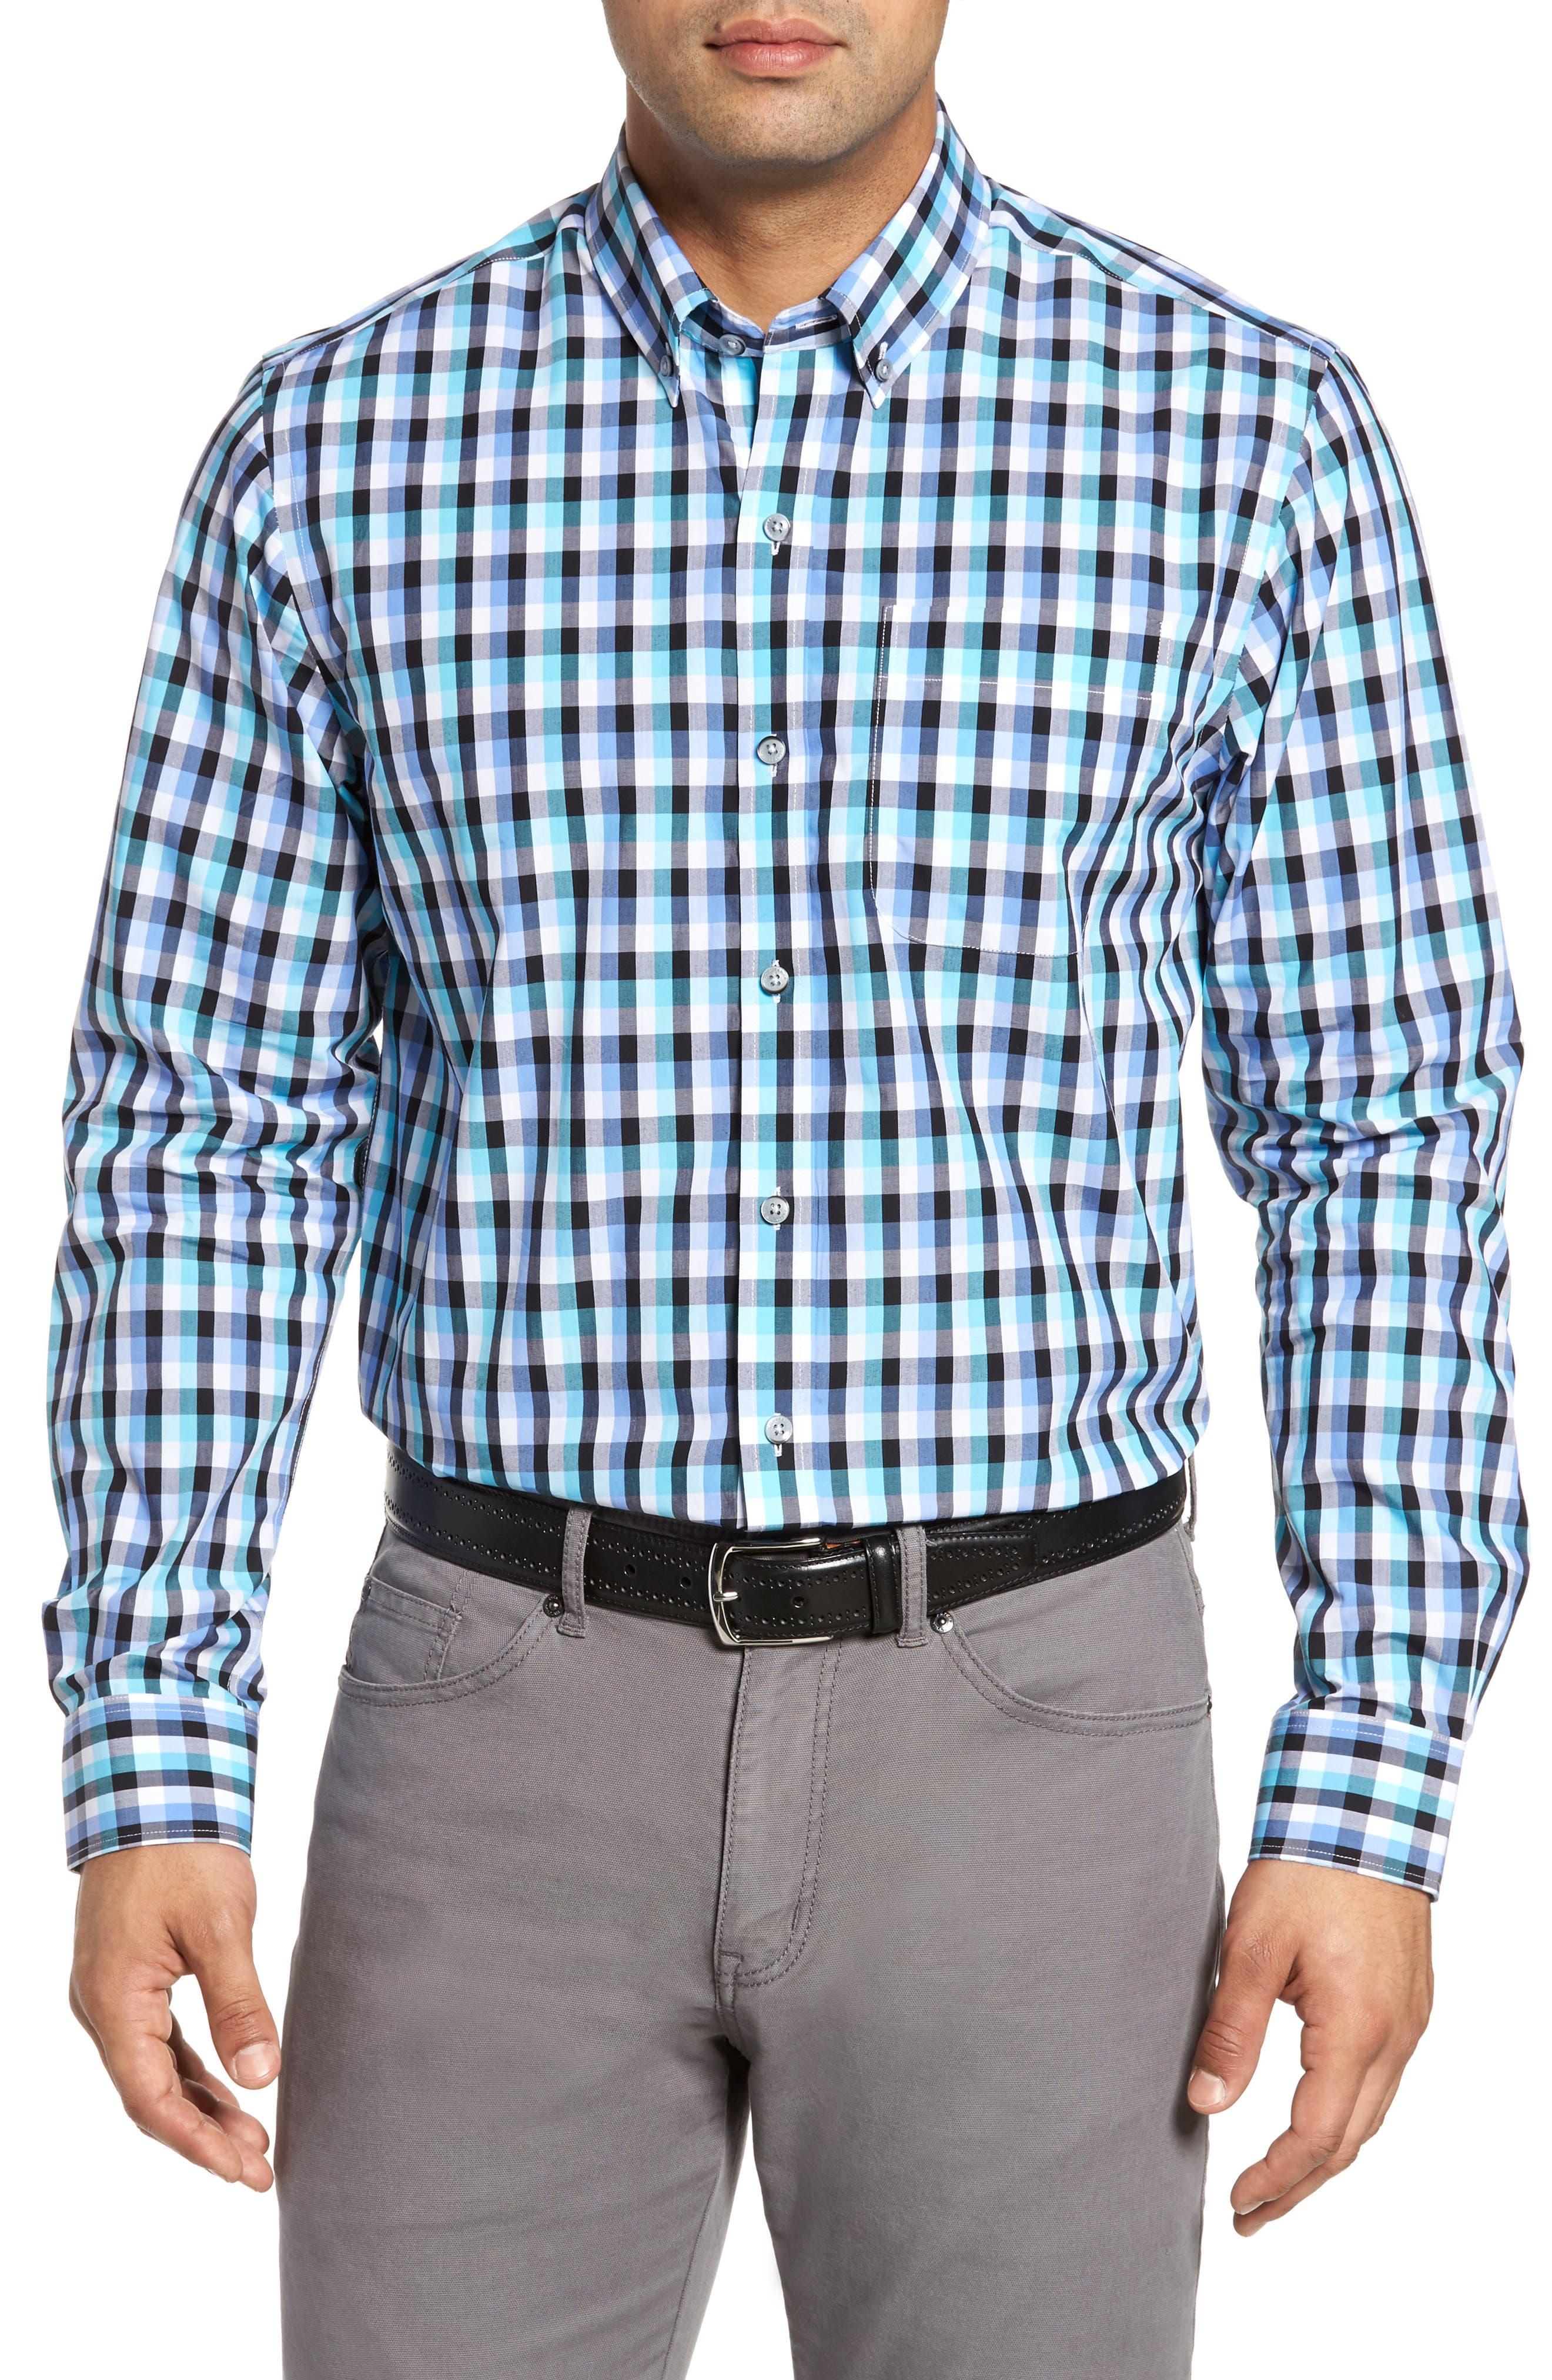 Cutter & Buck Sawyer Check Non-Iron Sport Shirt (Big & Tall)